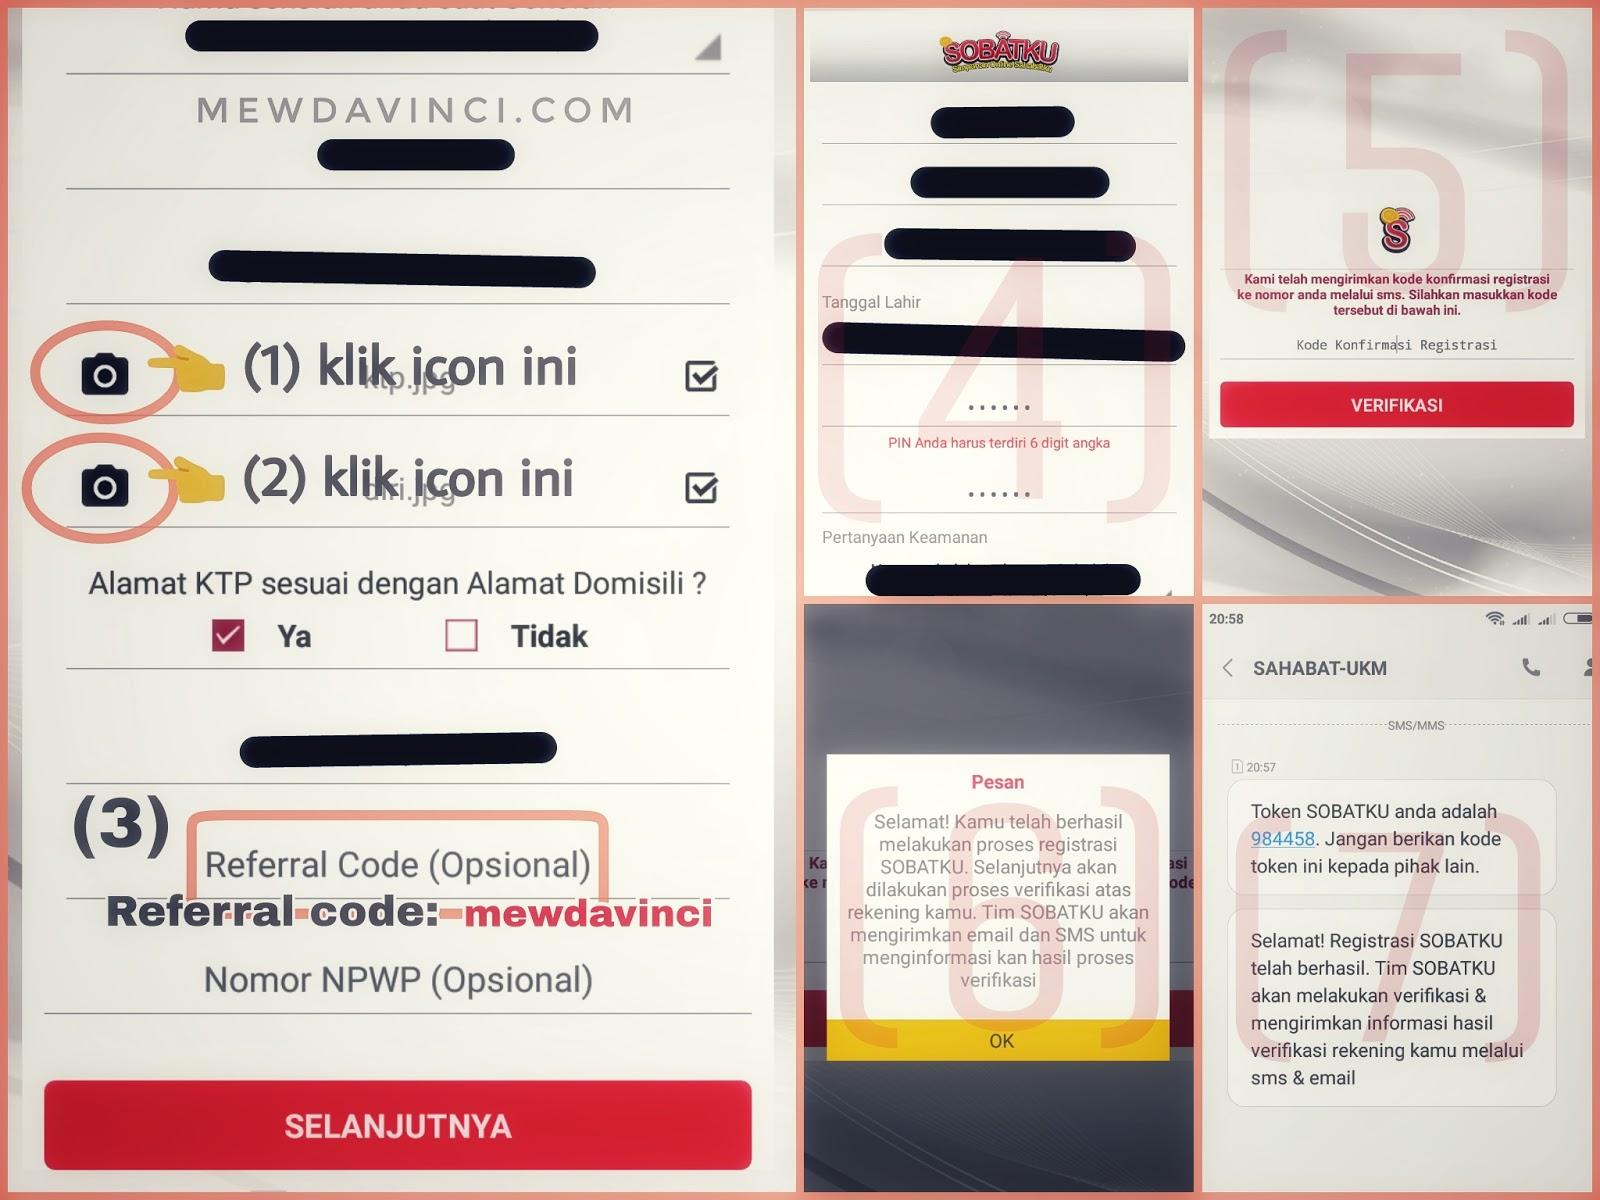 Cara registrasi rekening aplikasi SOBATKU